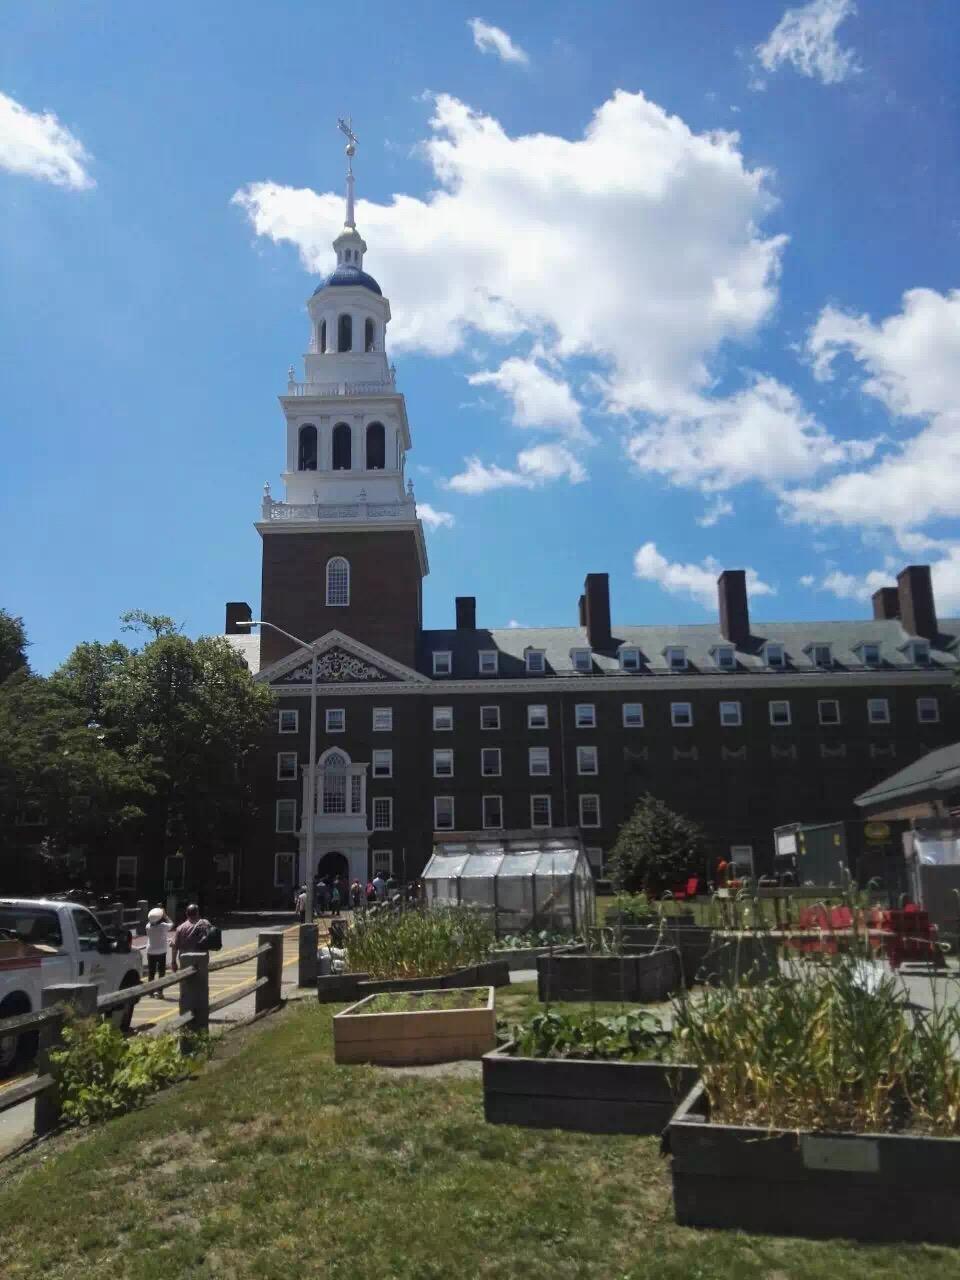 重磅!2021年USNEWS全球最佳大学排名正式发布!美国大学霸屏